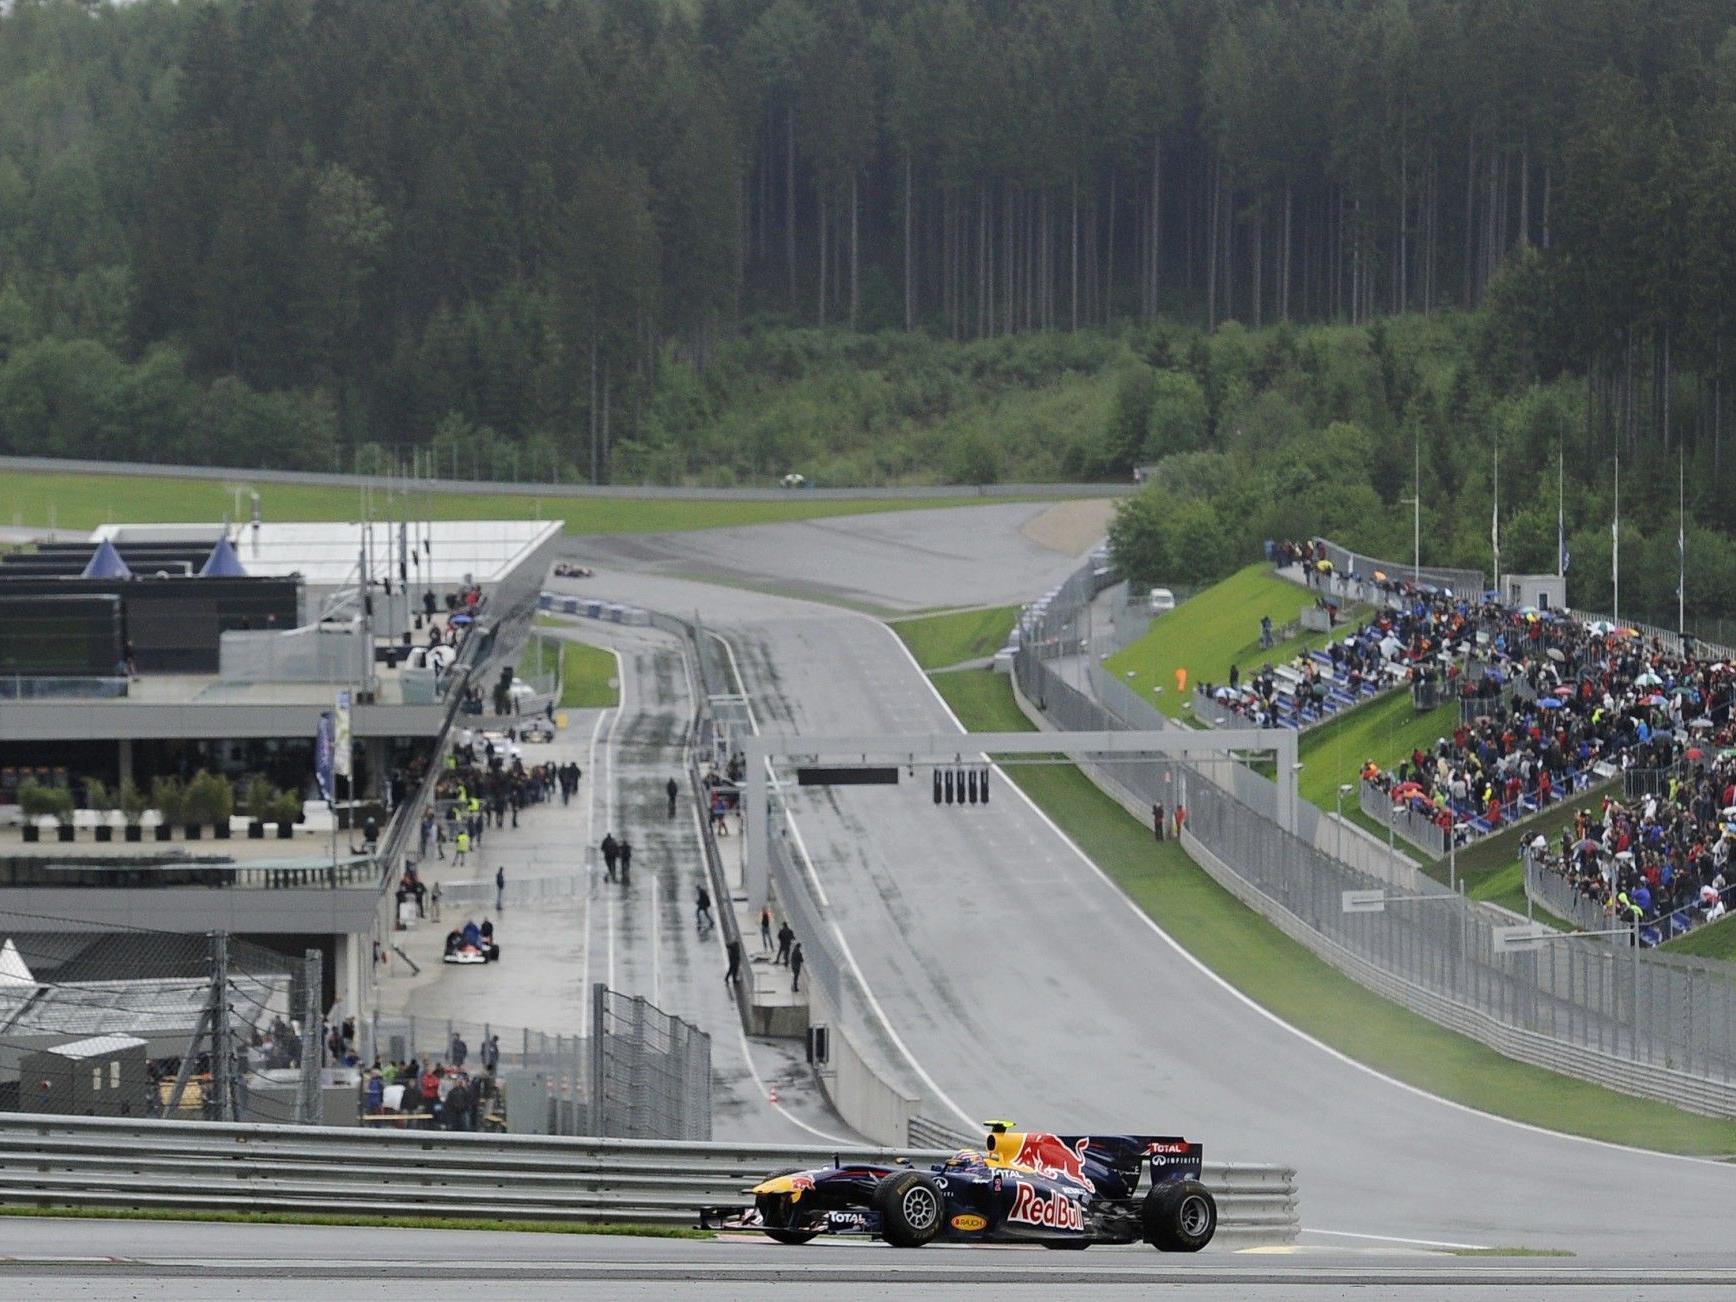 Mark Webber in seinem Rennwagen bei der Eröffnung des Red-Bull-Rings in Spielberg im Mai 2011.